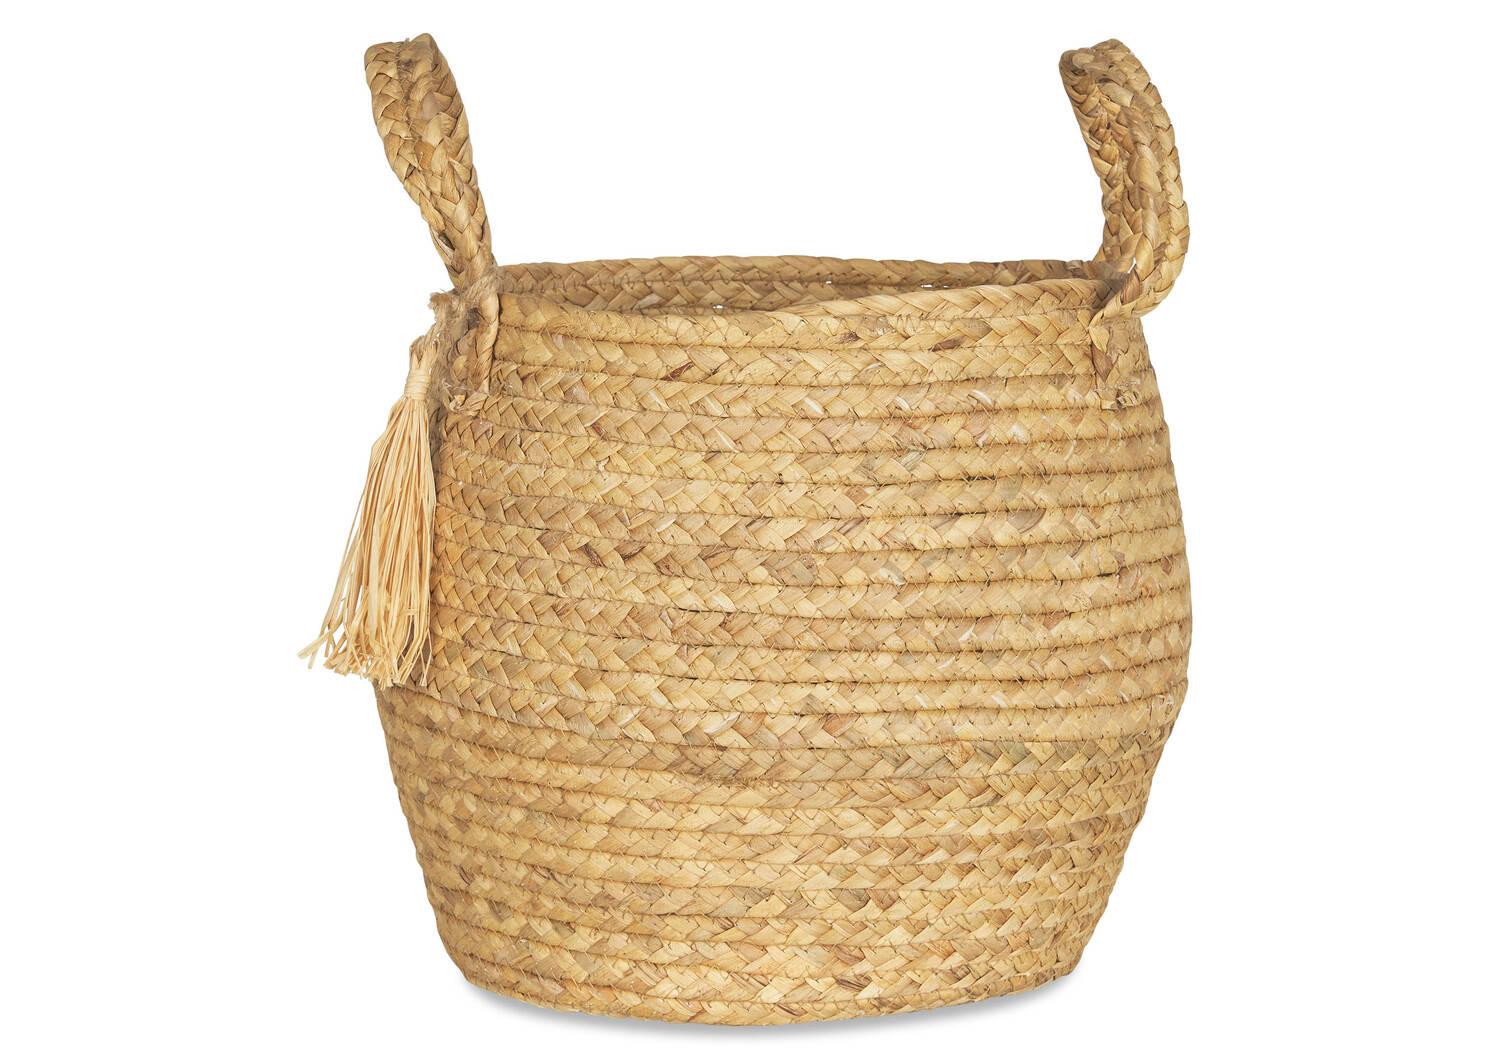 Estefany Tassel Baskets Natural